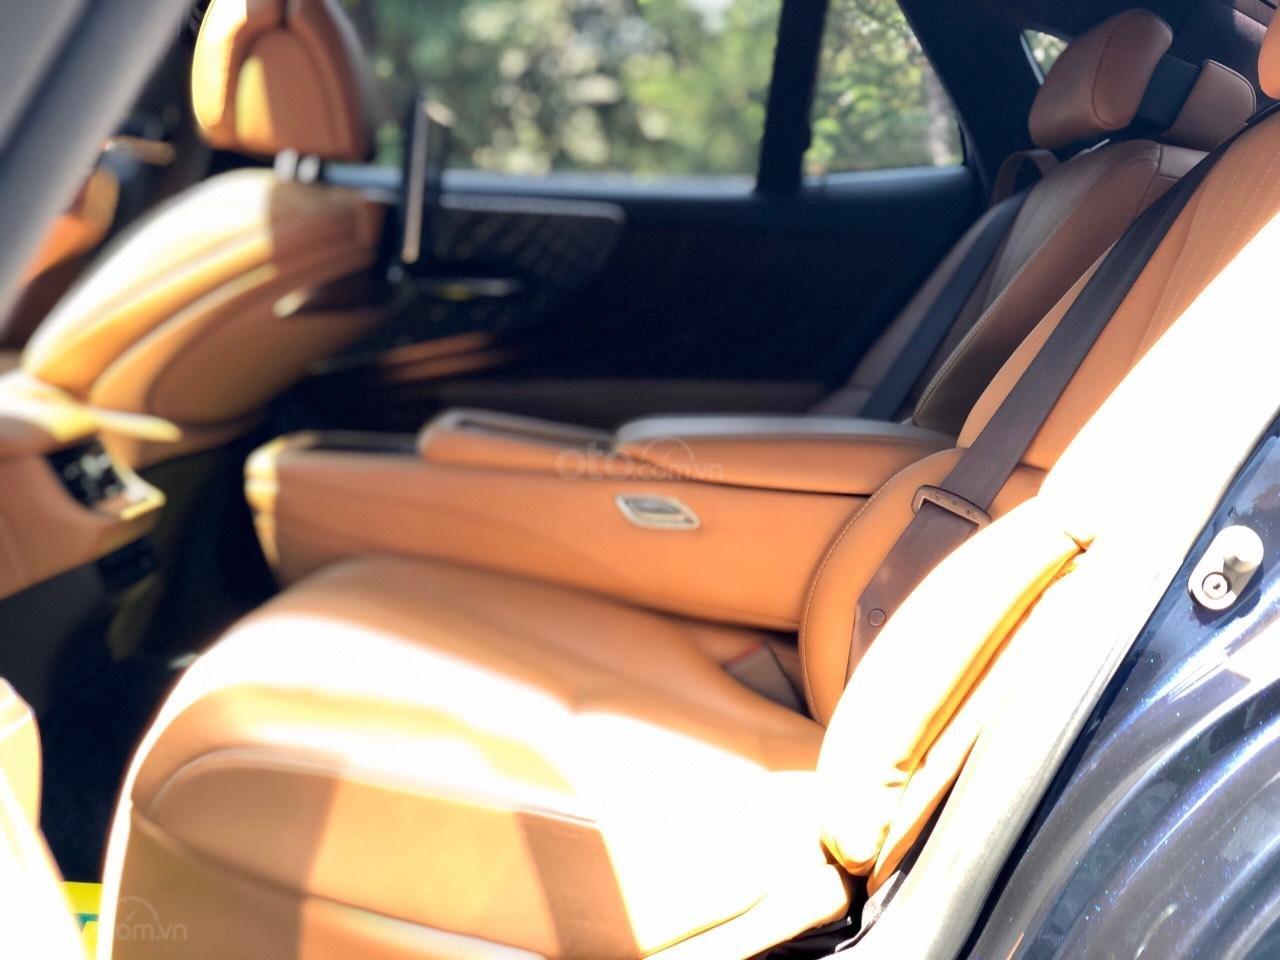 Bán xe Lexus LS 500H 2017, màu xanh lam, giá tốt giao ngay toàn quốc, LH Ngọc Vy 093.996.2368 (15)